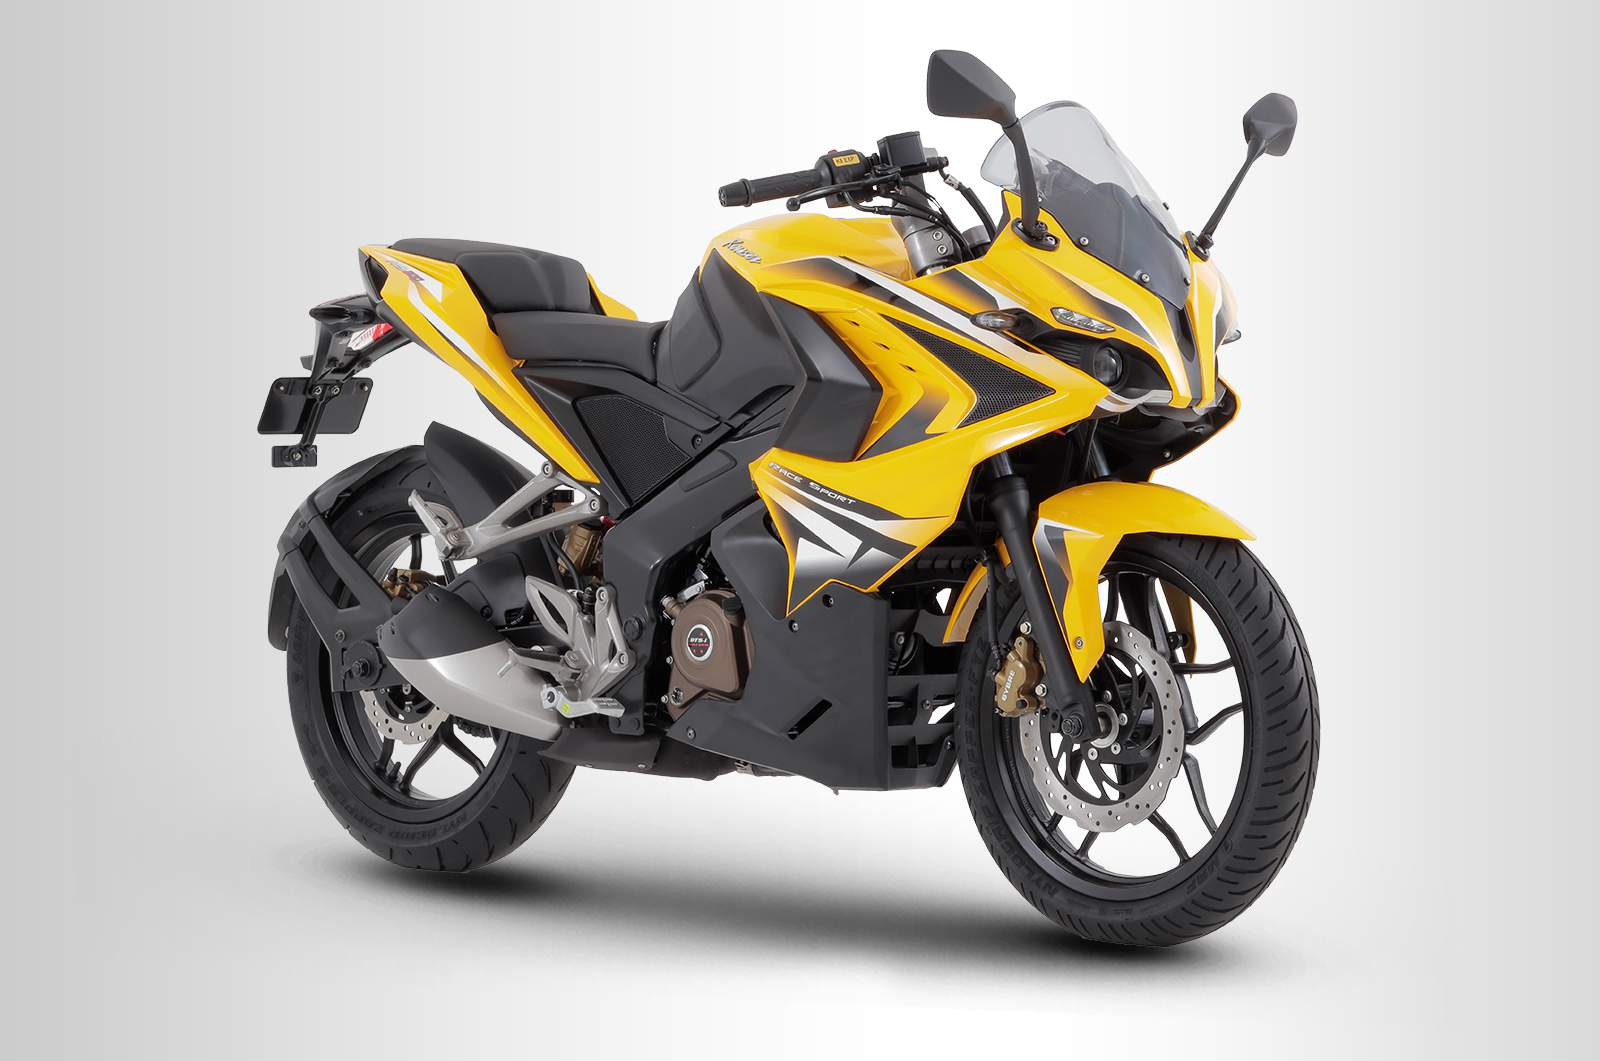 Kawasaki Rouser 200NS Price in PH | Kasama Ang Presyo